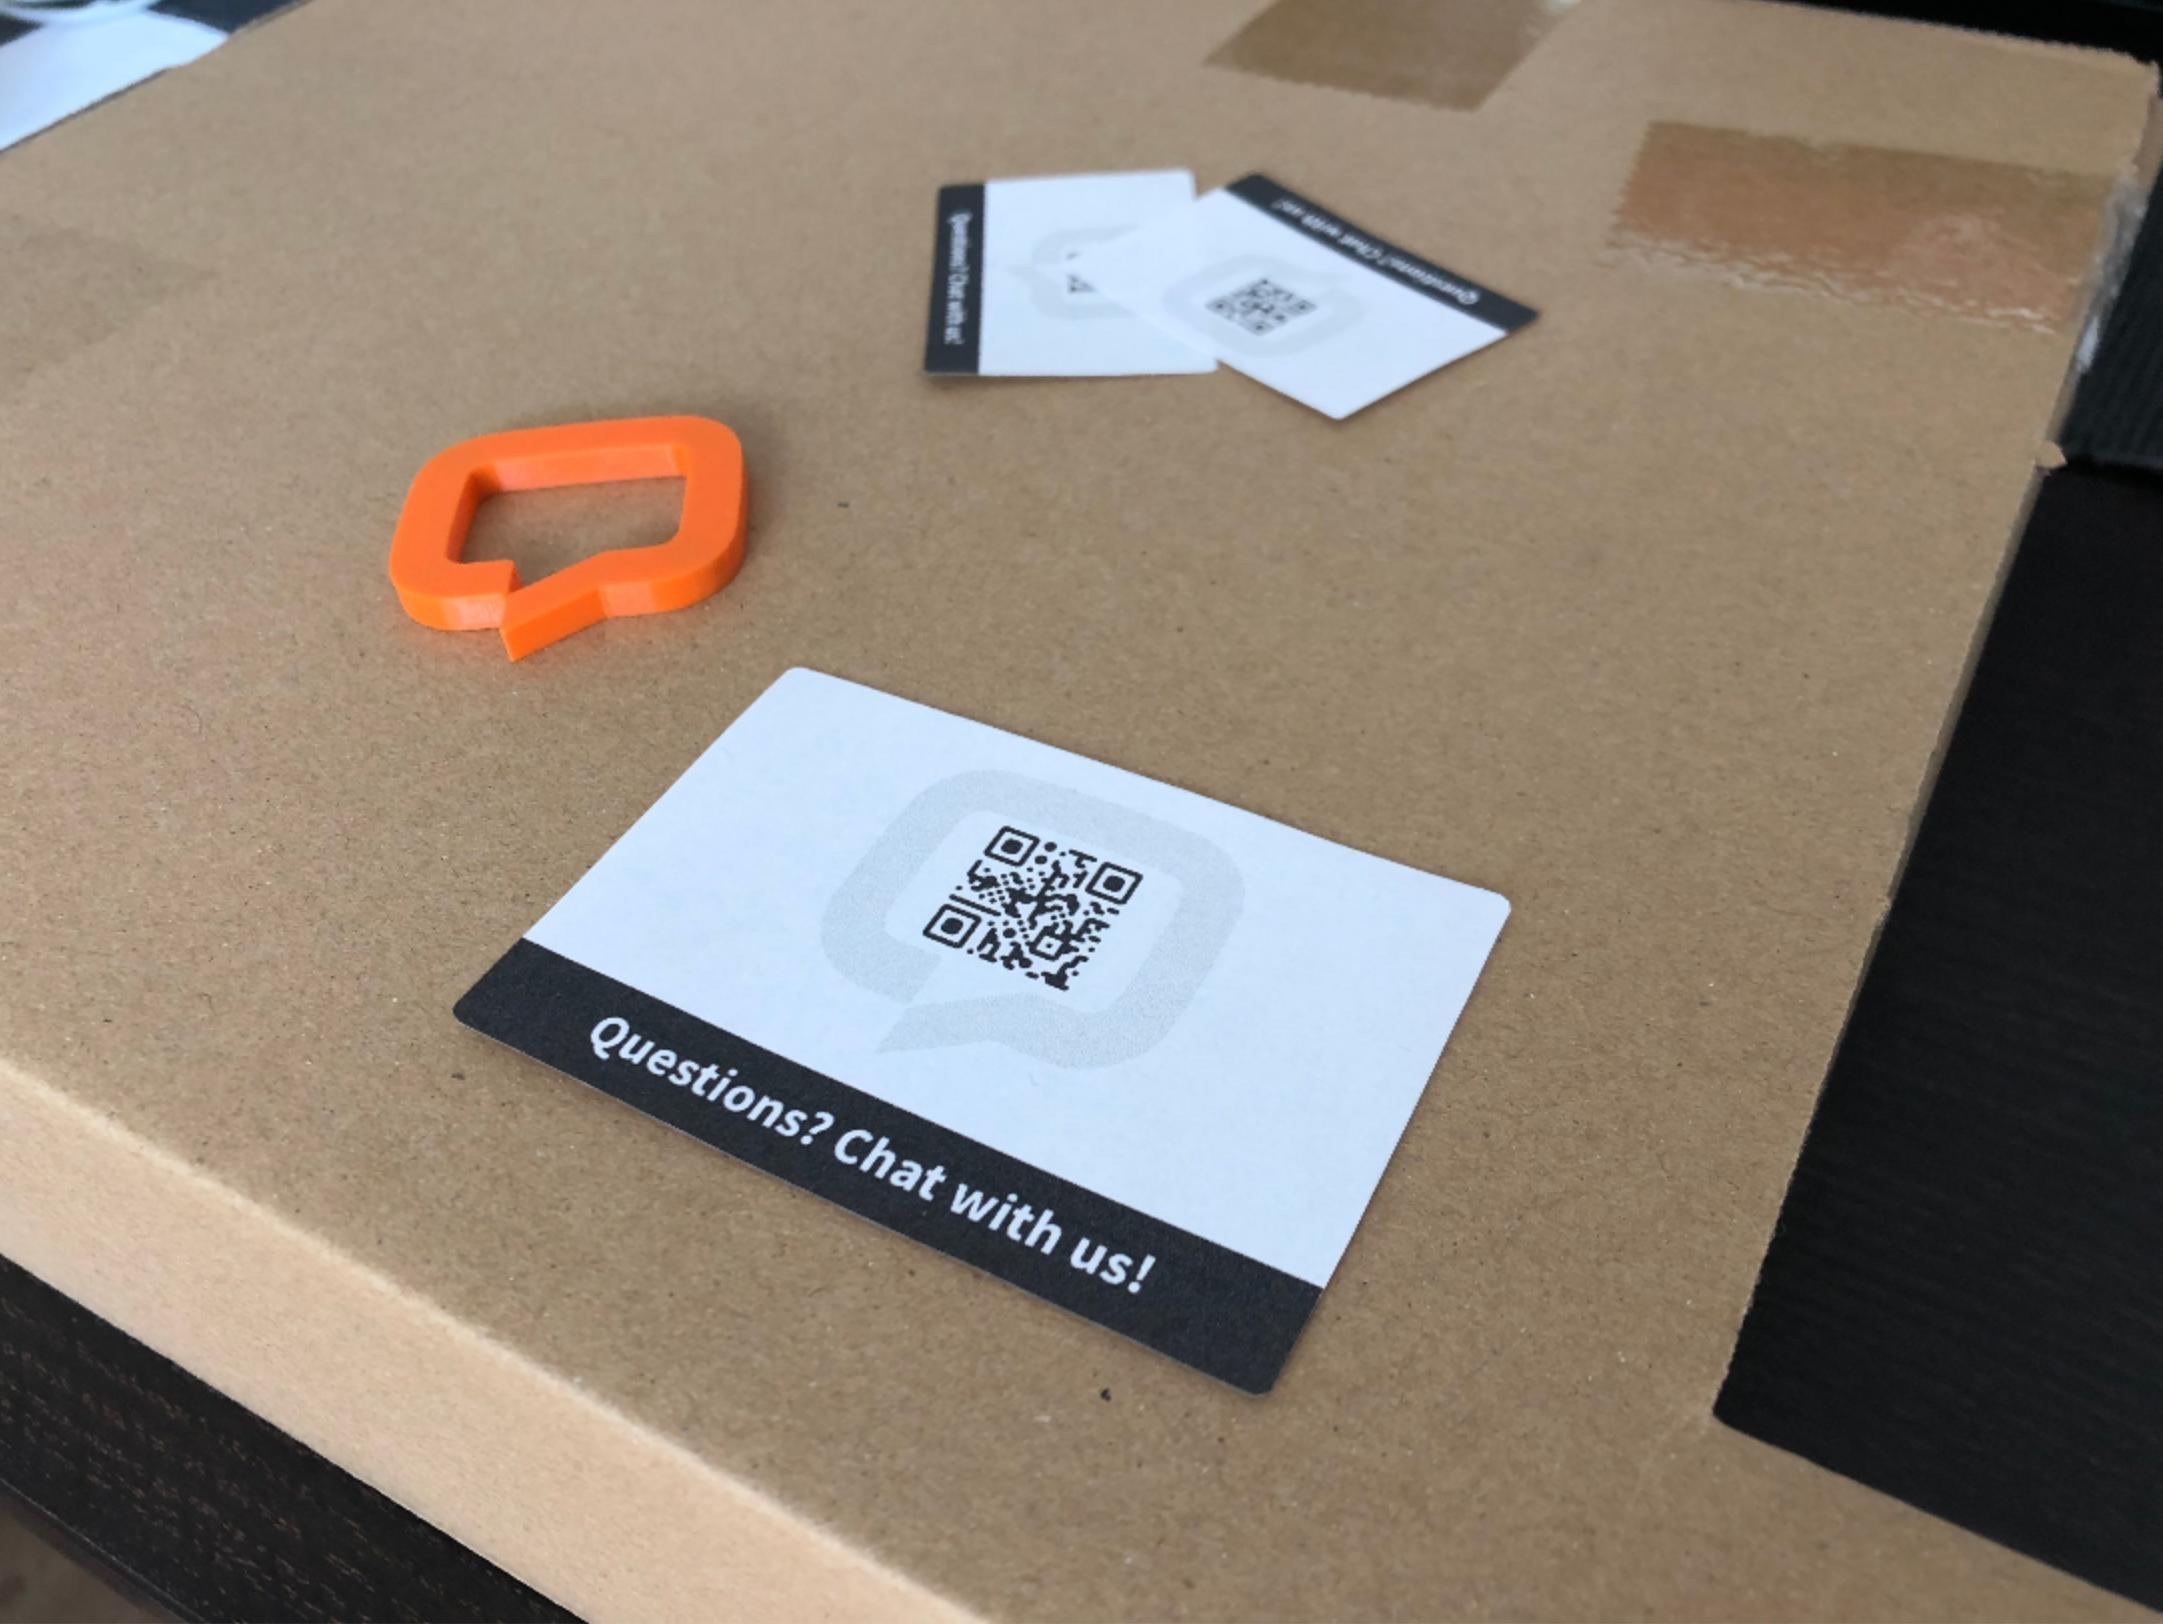 Printed QR code